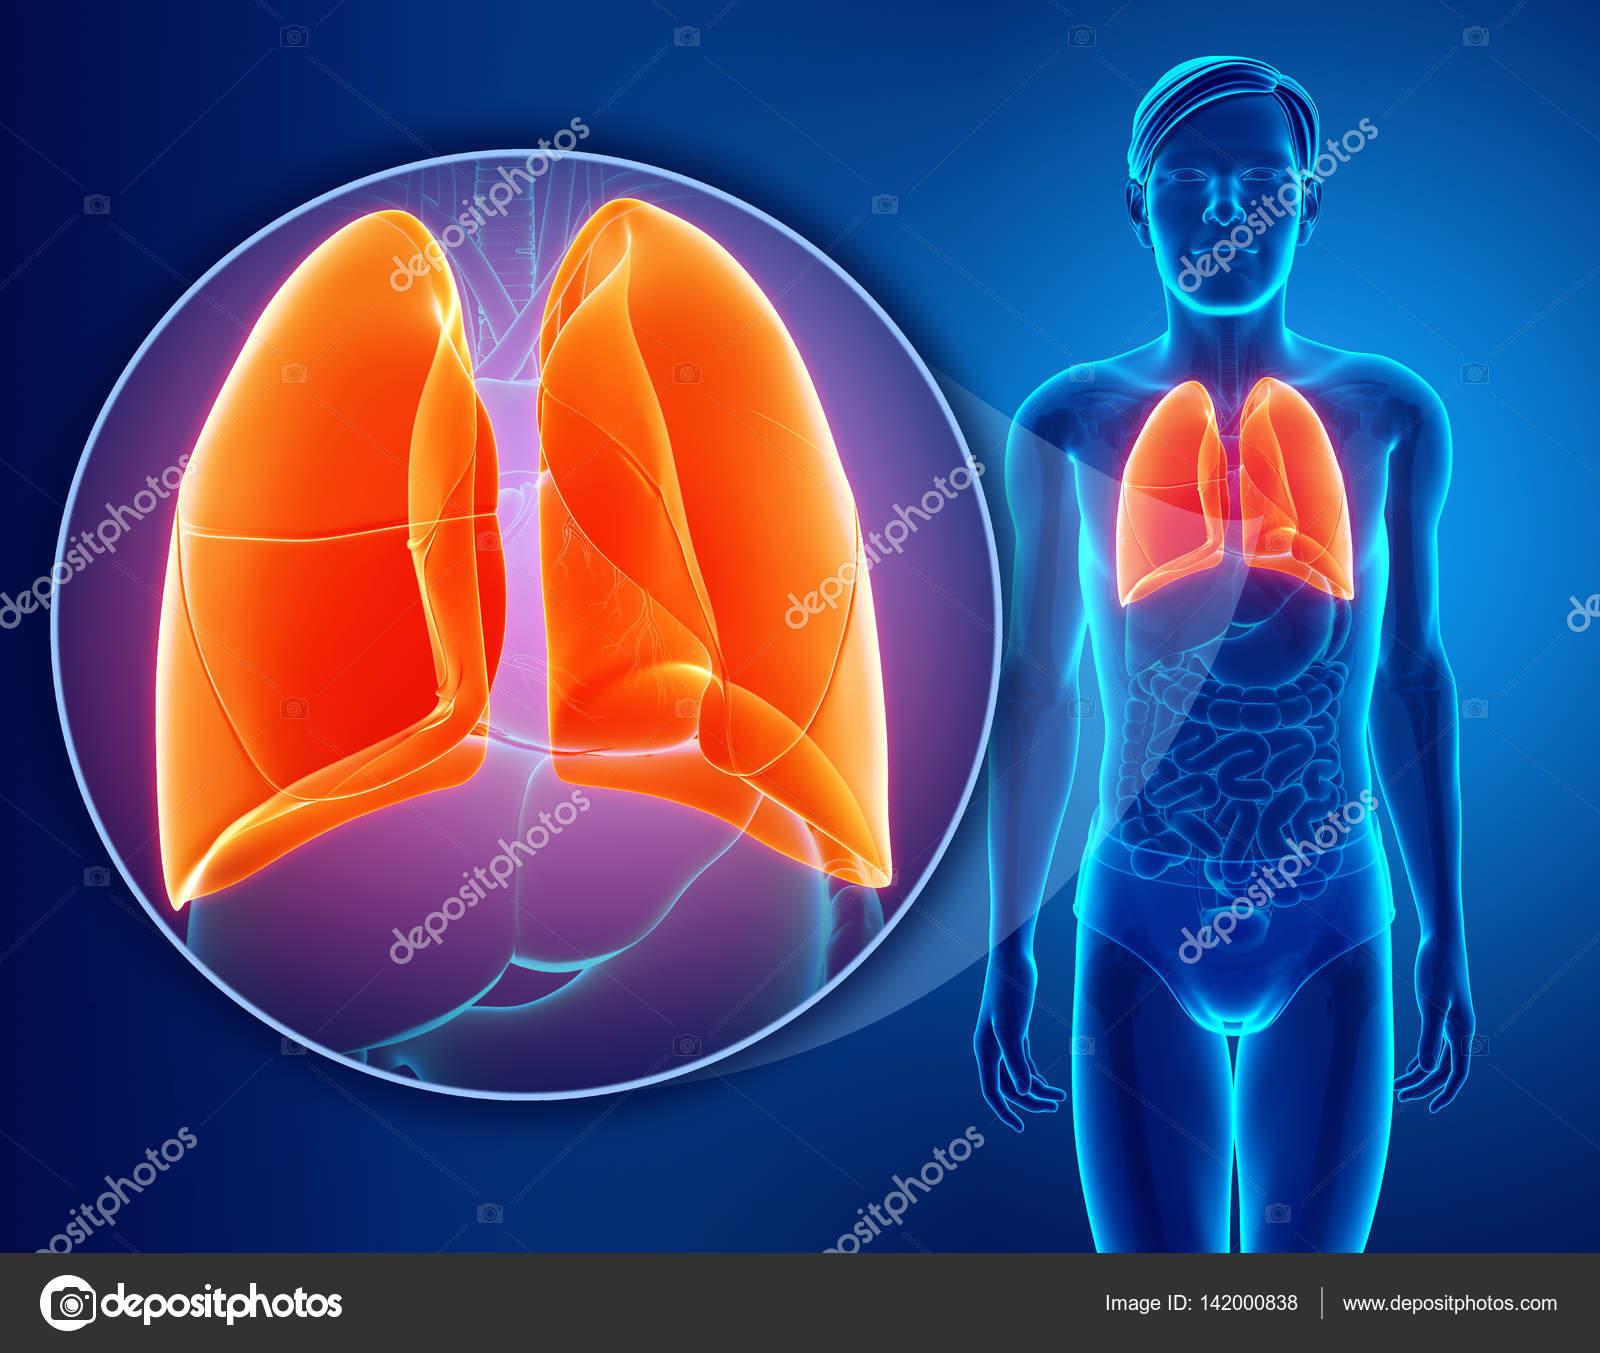 menschlichen Atemwege mit Lungen — Stockfoto © pixdesign123 #142000838